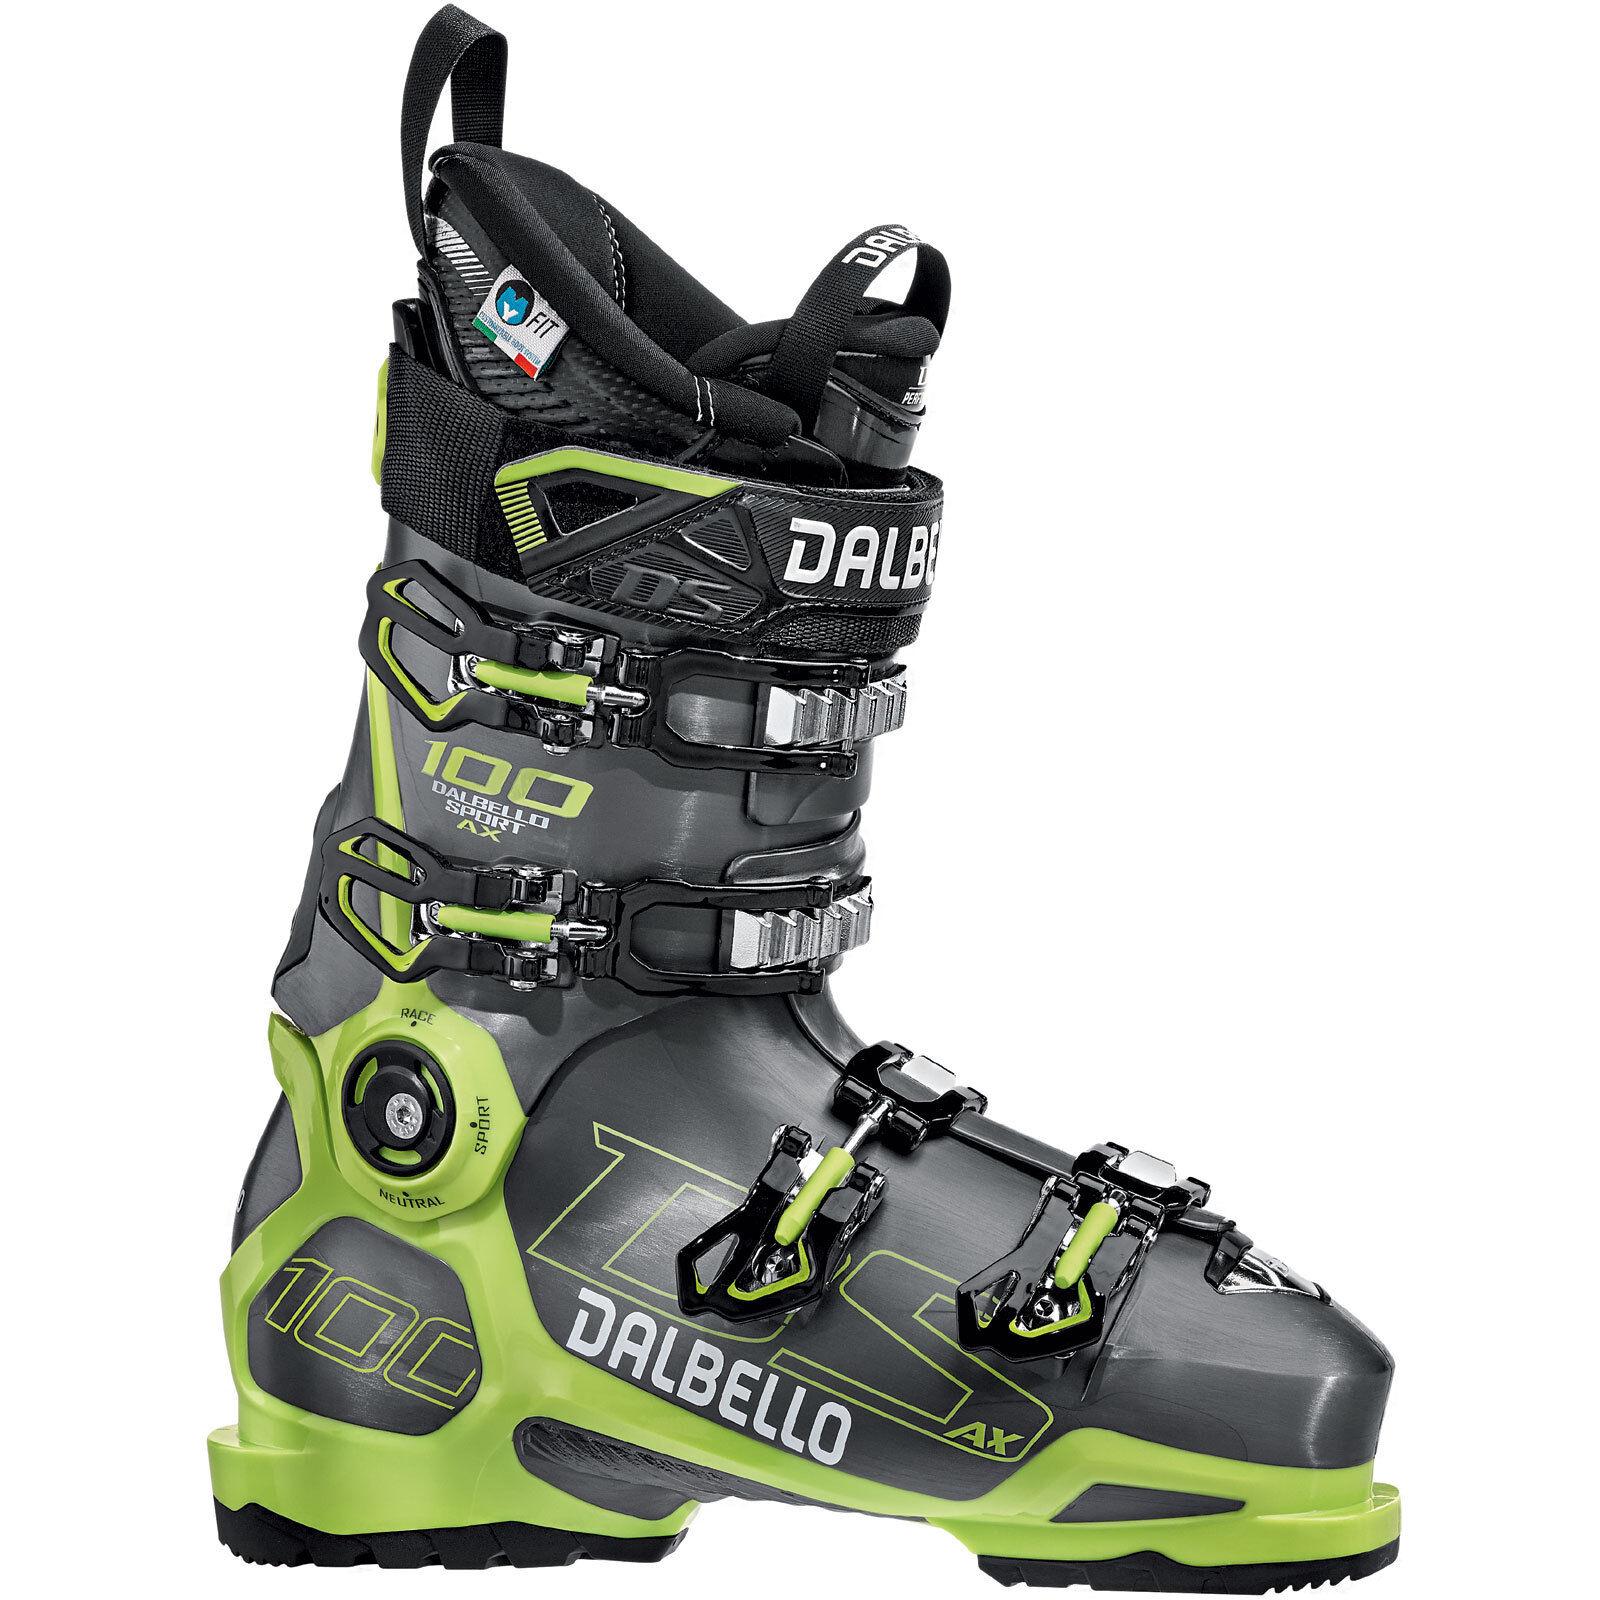 Dalbello DS AX 100 MS Herren-Skistiefel Ski Stiefel Stiefel Skischuhe Schuhe Alpin